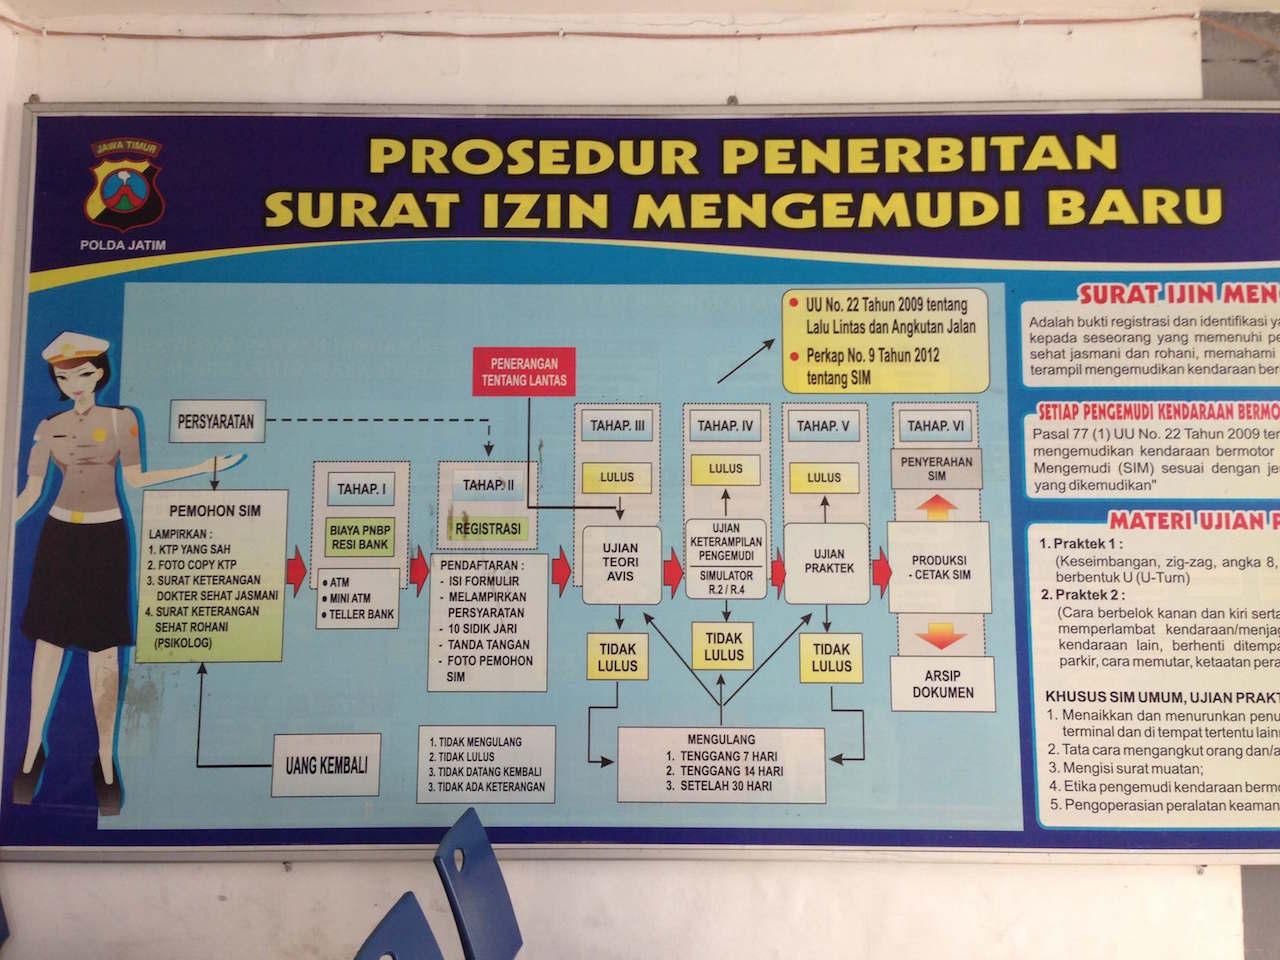 会場に掲示された「新たに免許を取得するための手順」の表